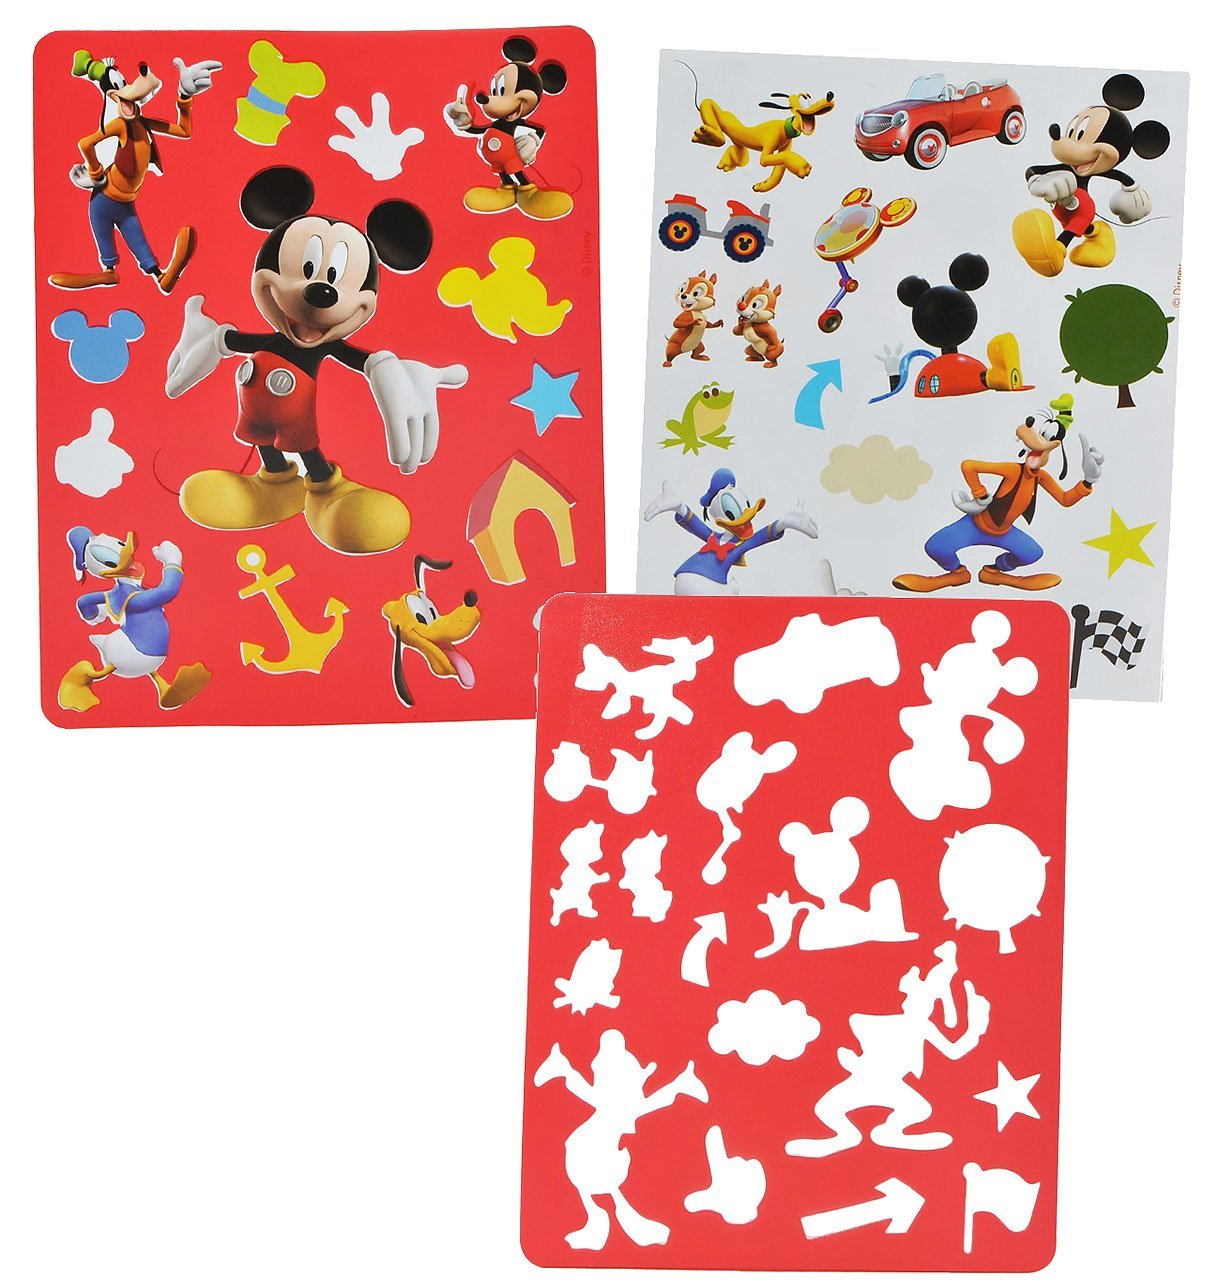 Micky Und Minni Maus Ausmalbilder : 3 Set S ___ Malschablonen Vorlagen Disney Mickey Mouse